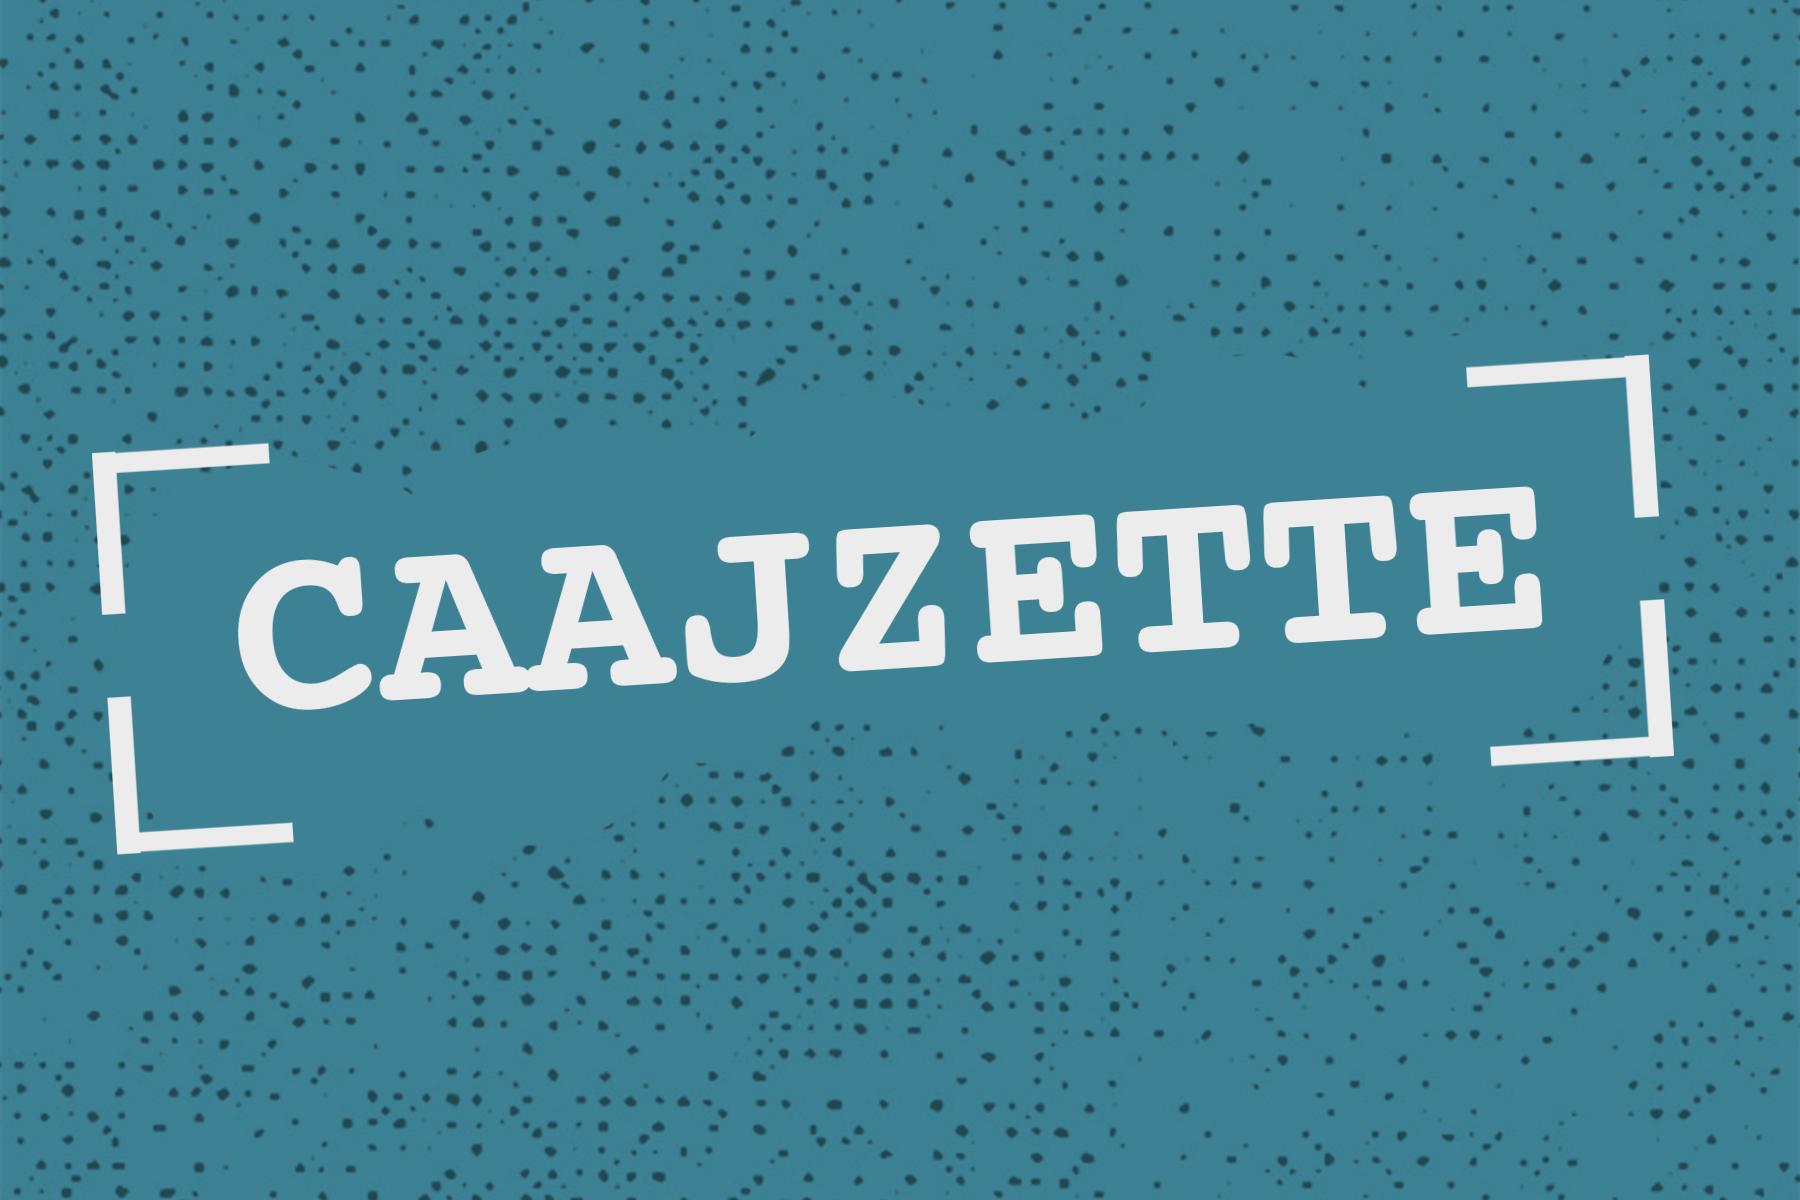 CAAJZETTE N°47